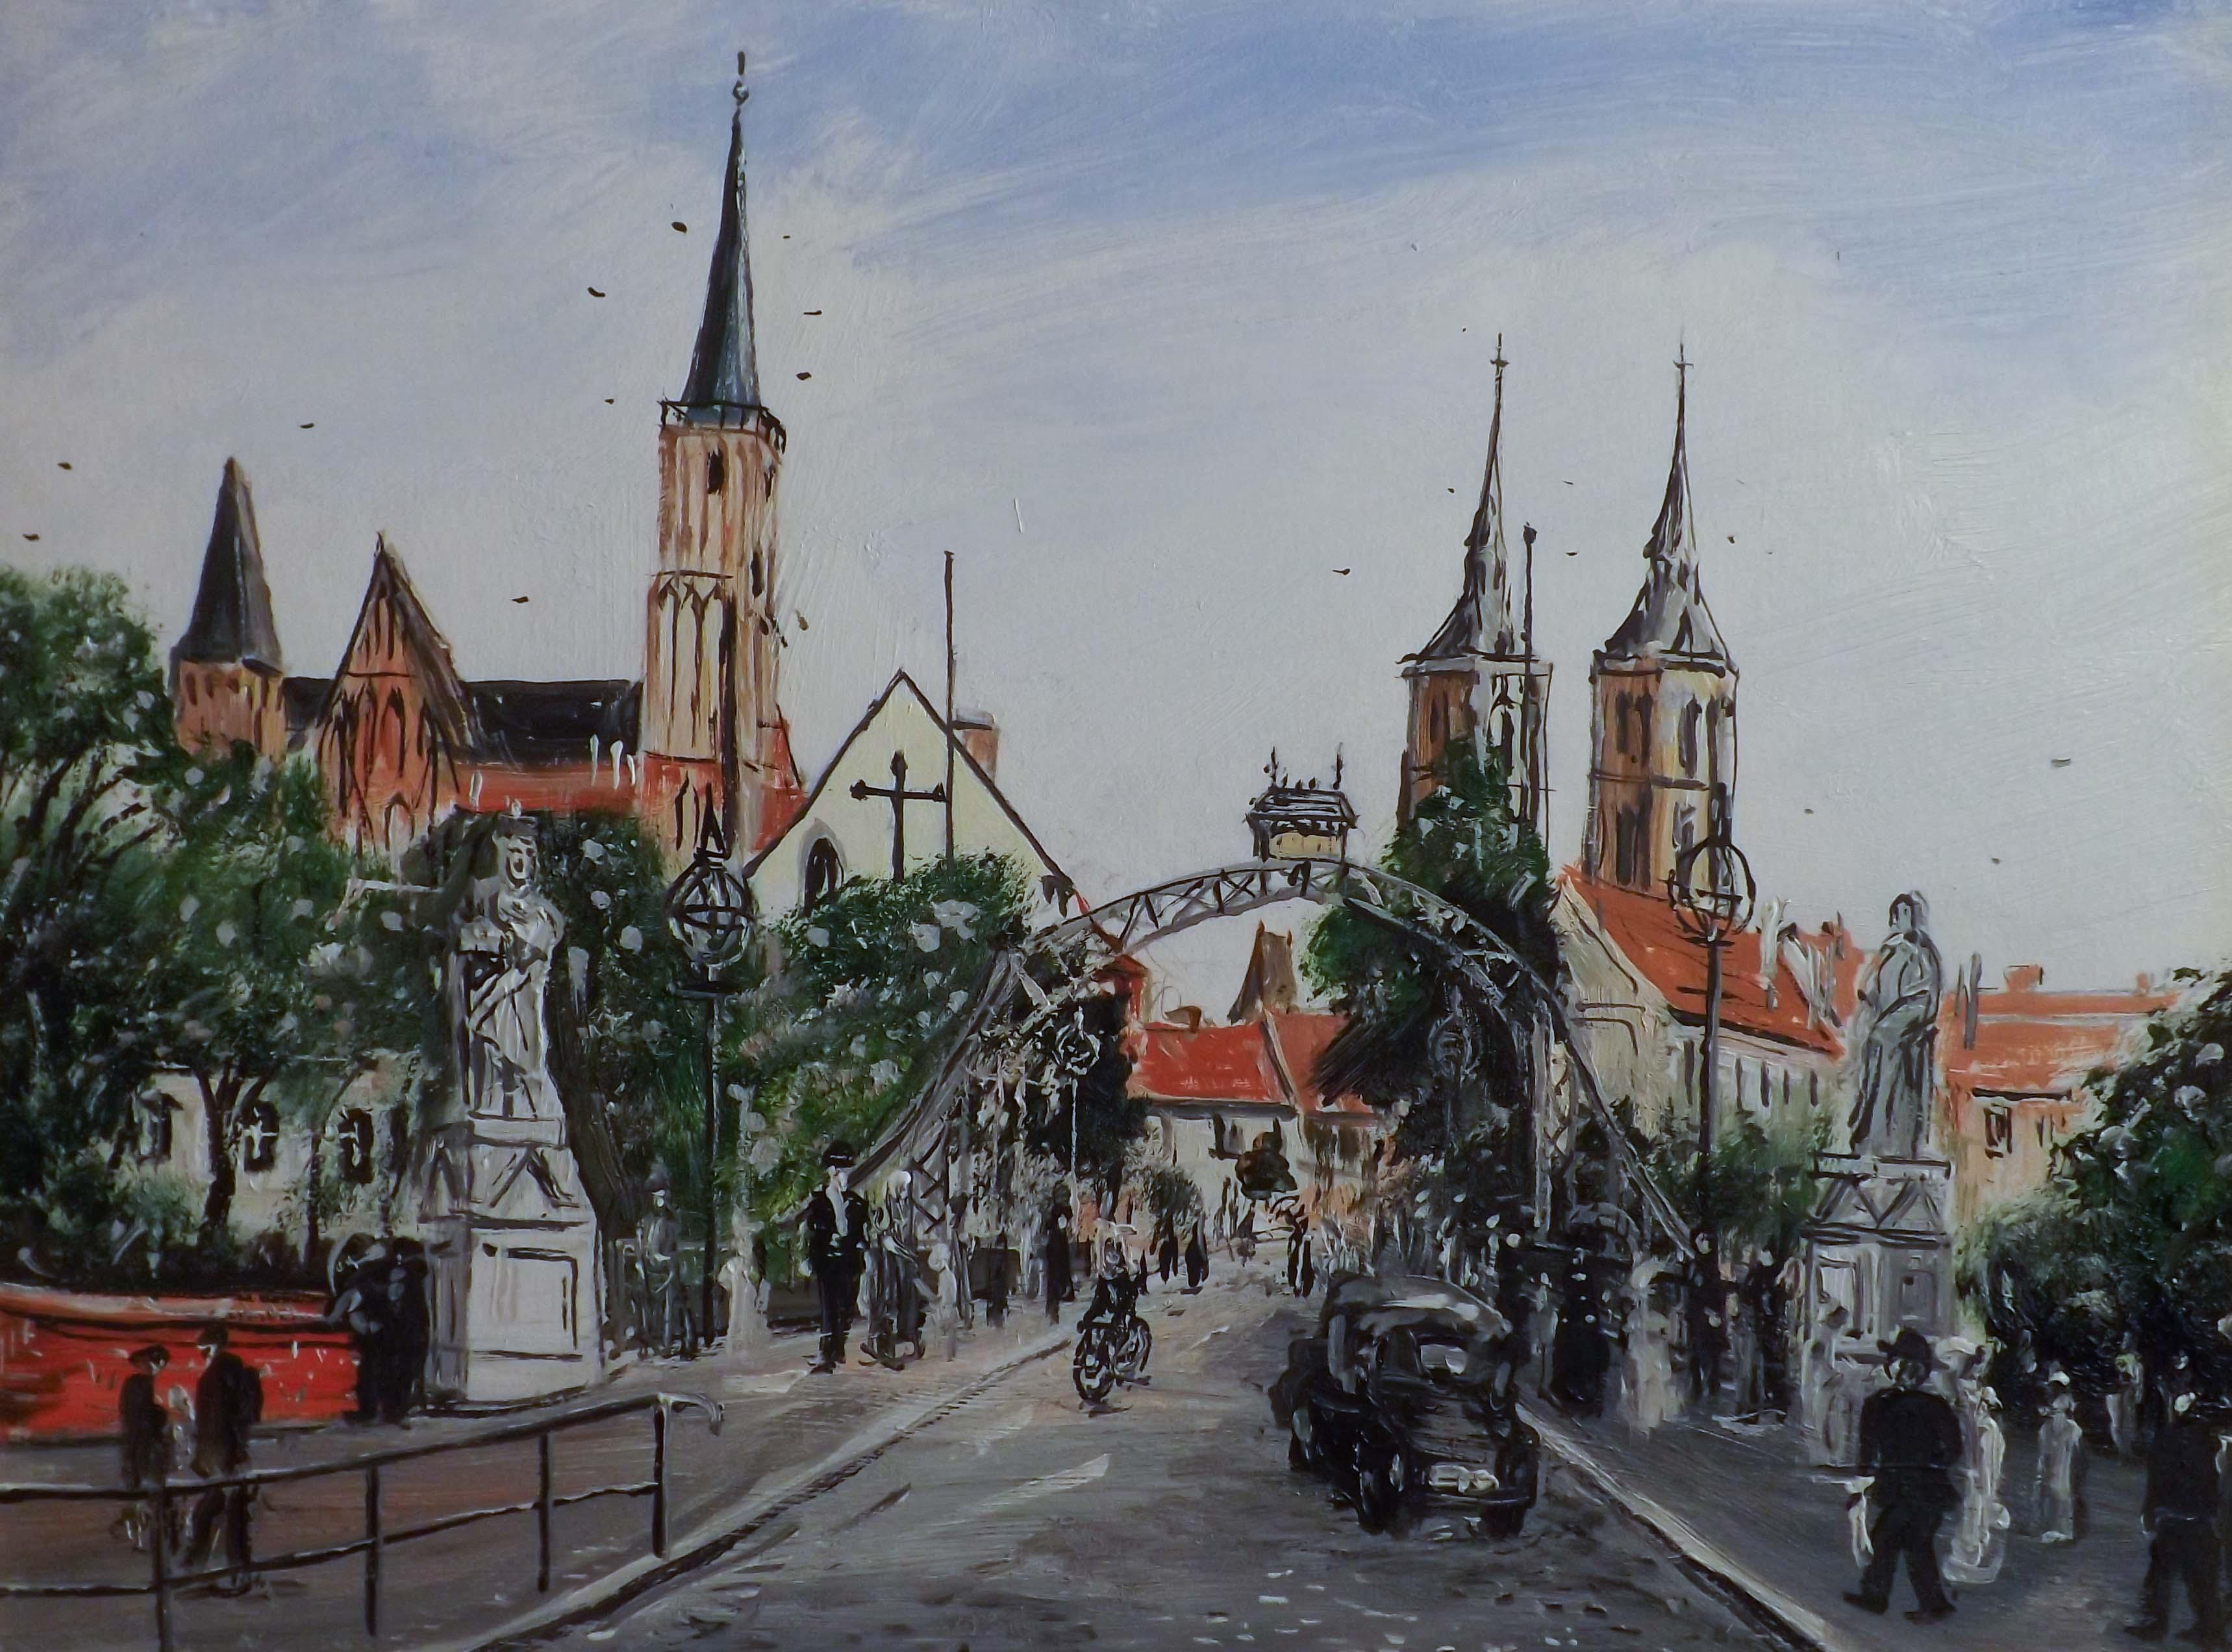 https://peter-natusch.de/wp-content/uploads/2018/01/Breslau-Dombr%C3%BCcke-und-Heilig-Kreuz-Kirche.jpg